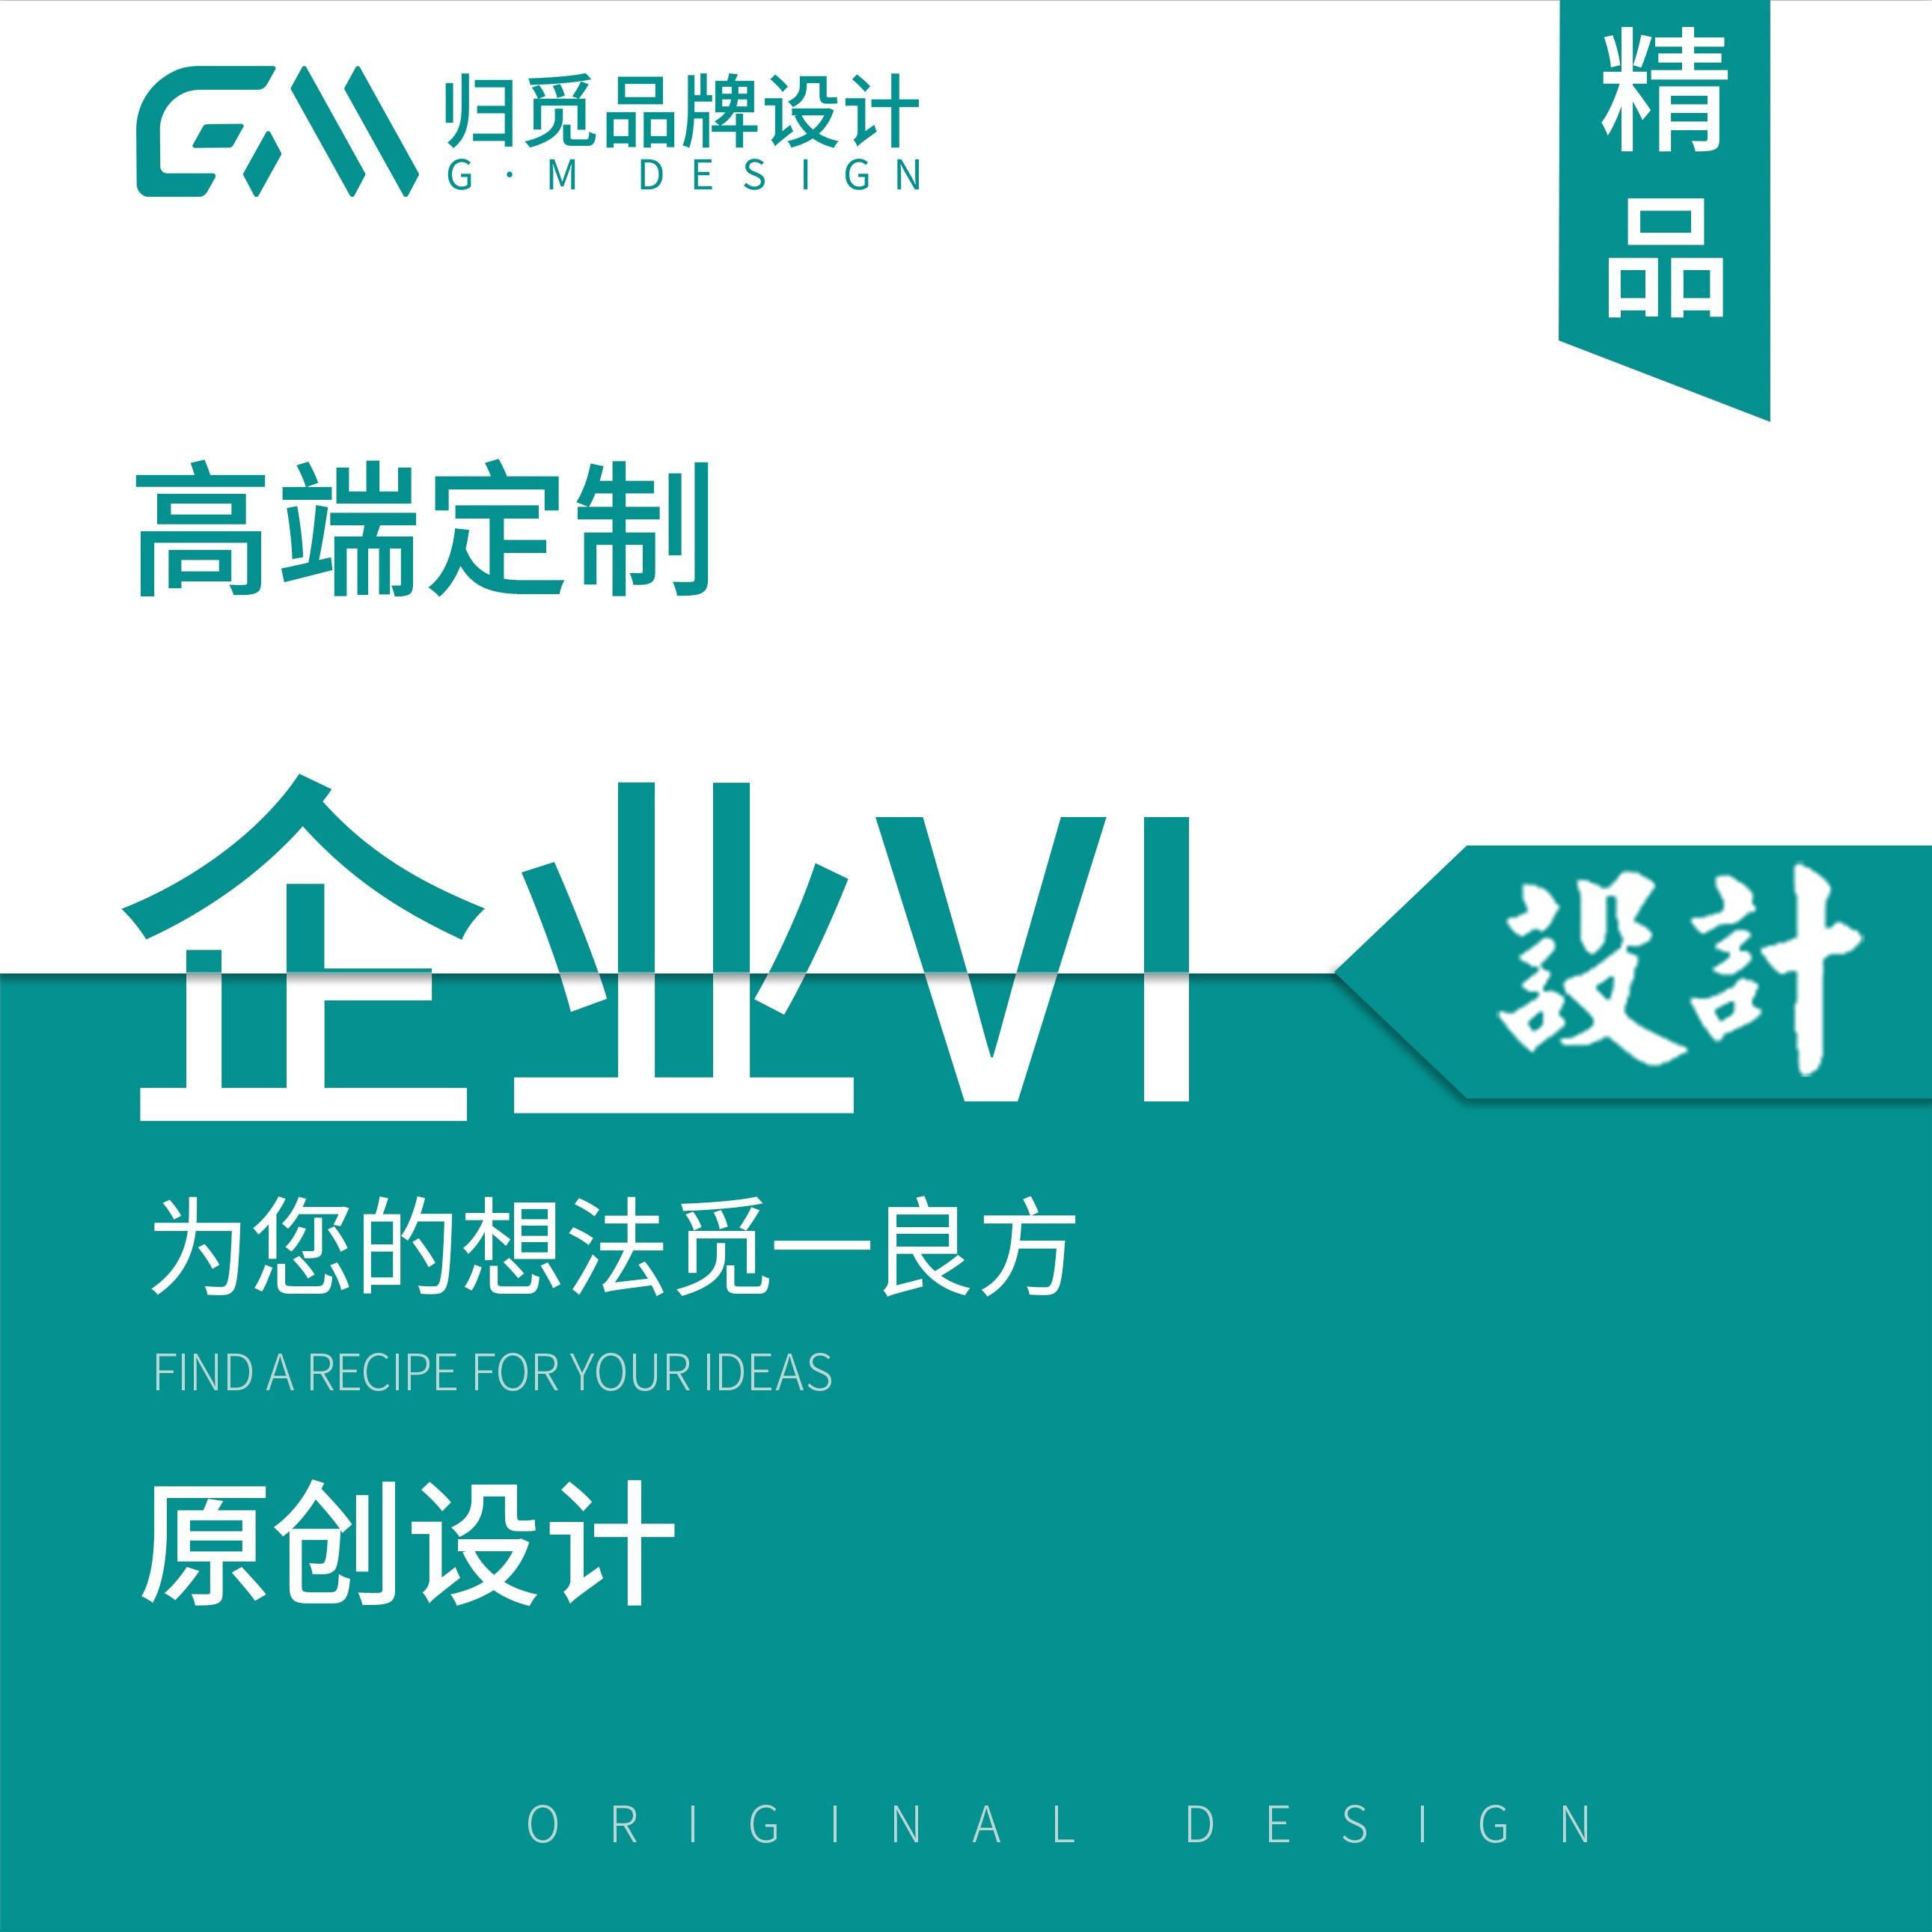 【高端企业VI定制】VI导视品牌宣传餐饮VIS企业全套设计